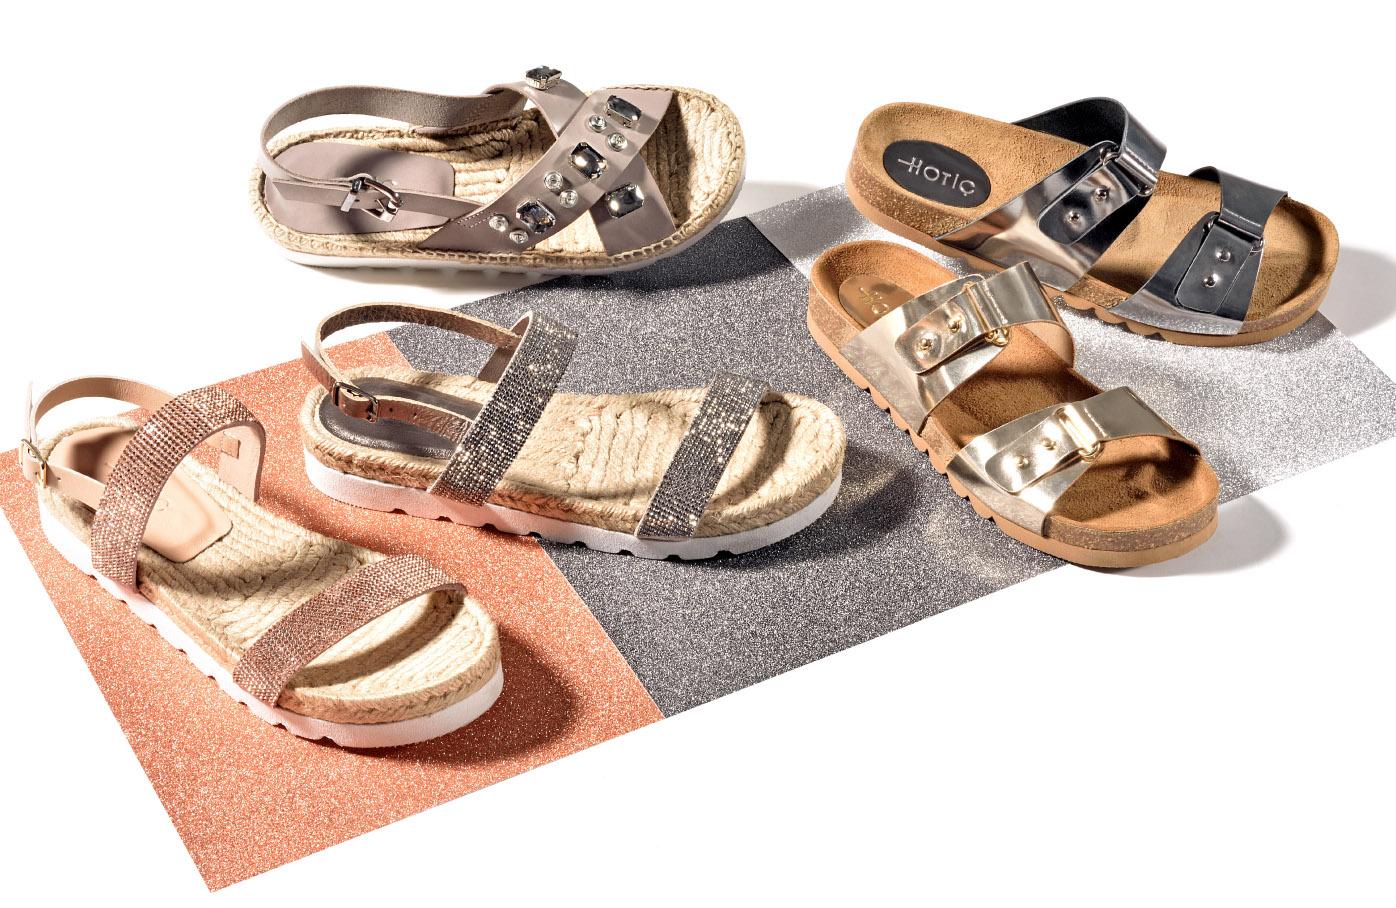 Качественная обувь Hotic